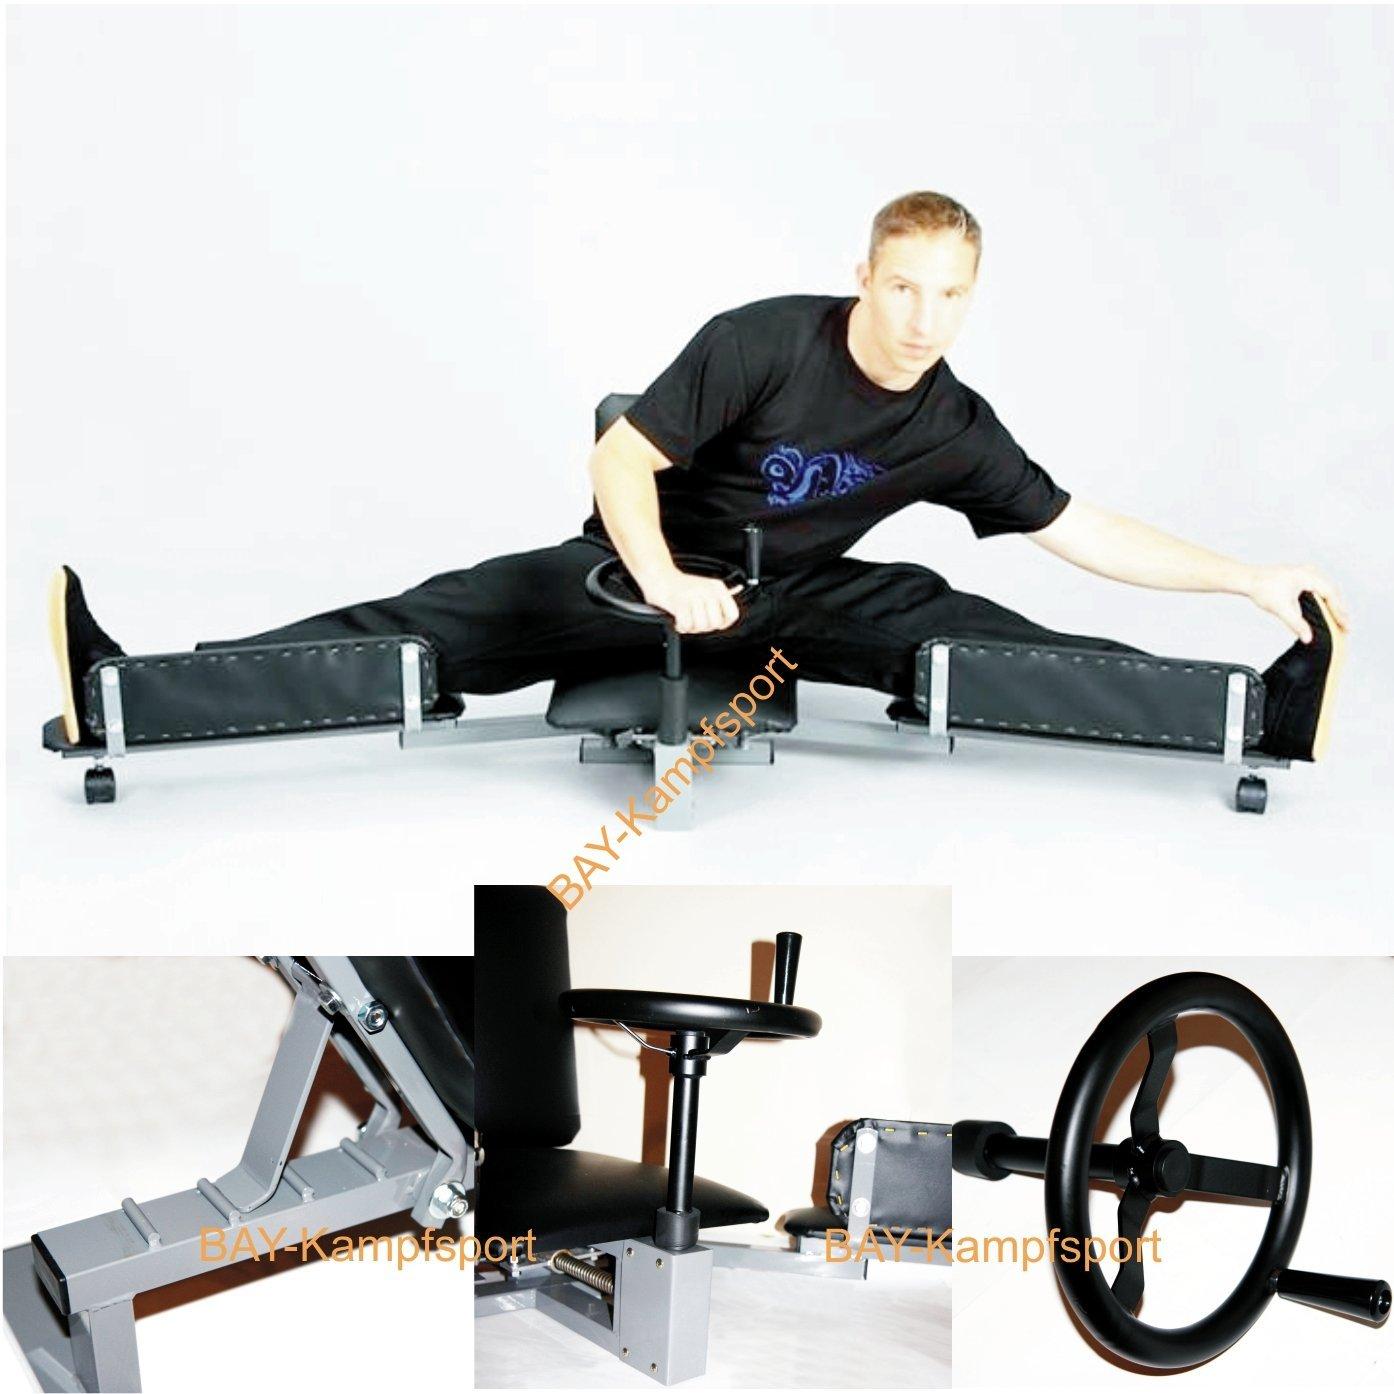 BAY Beinstretcher Spagattrainer Spagatgerät Bein Strecker